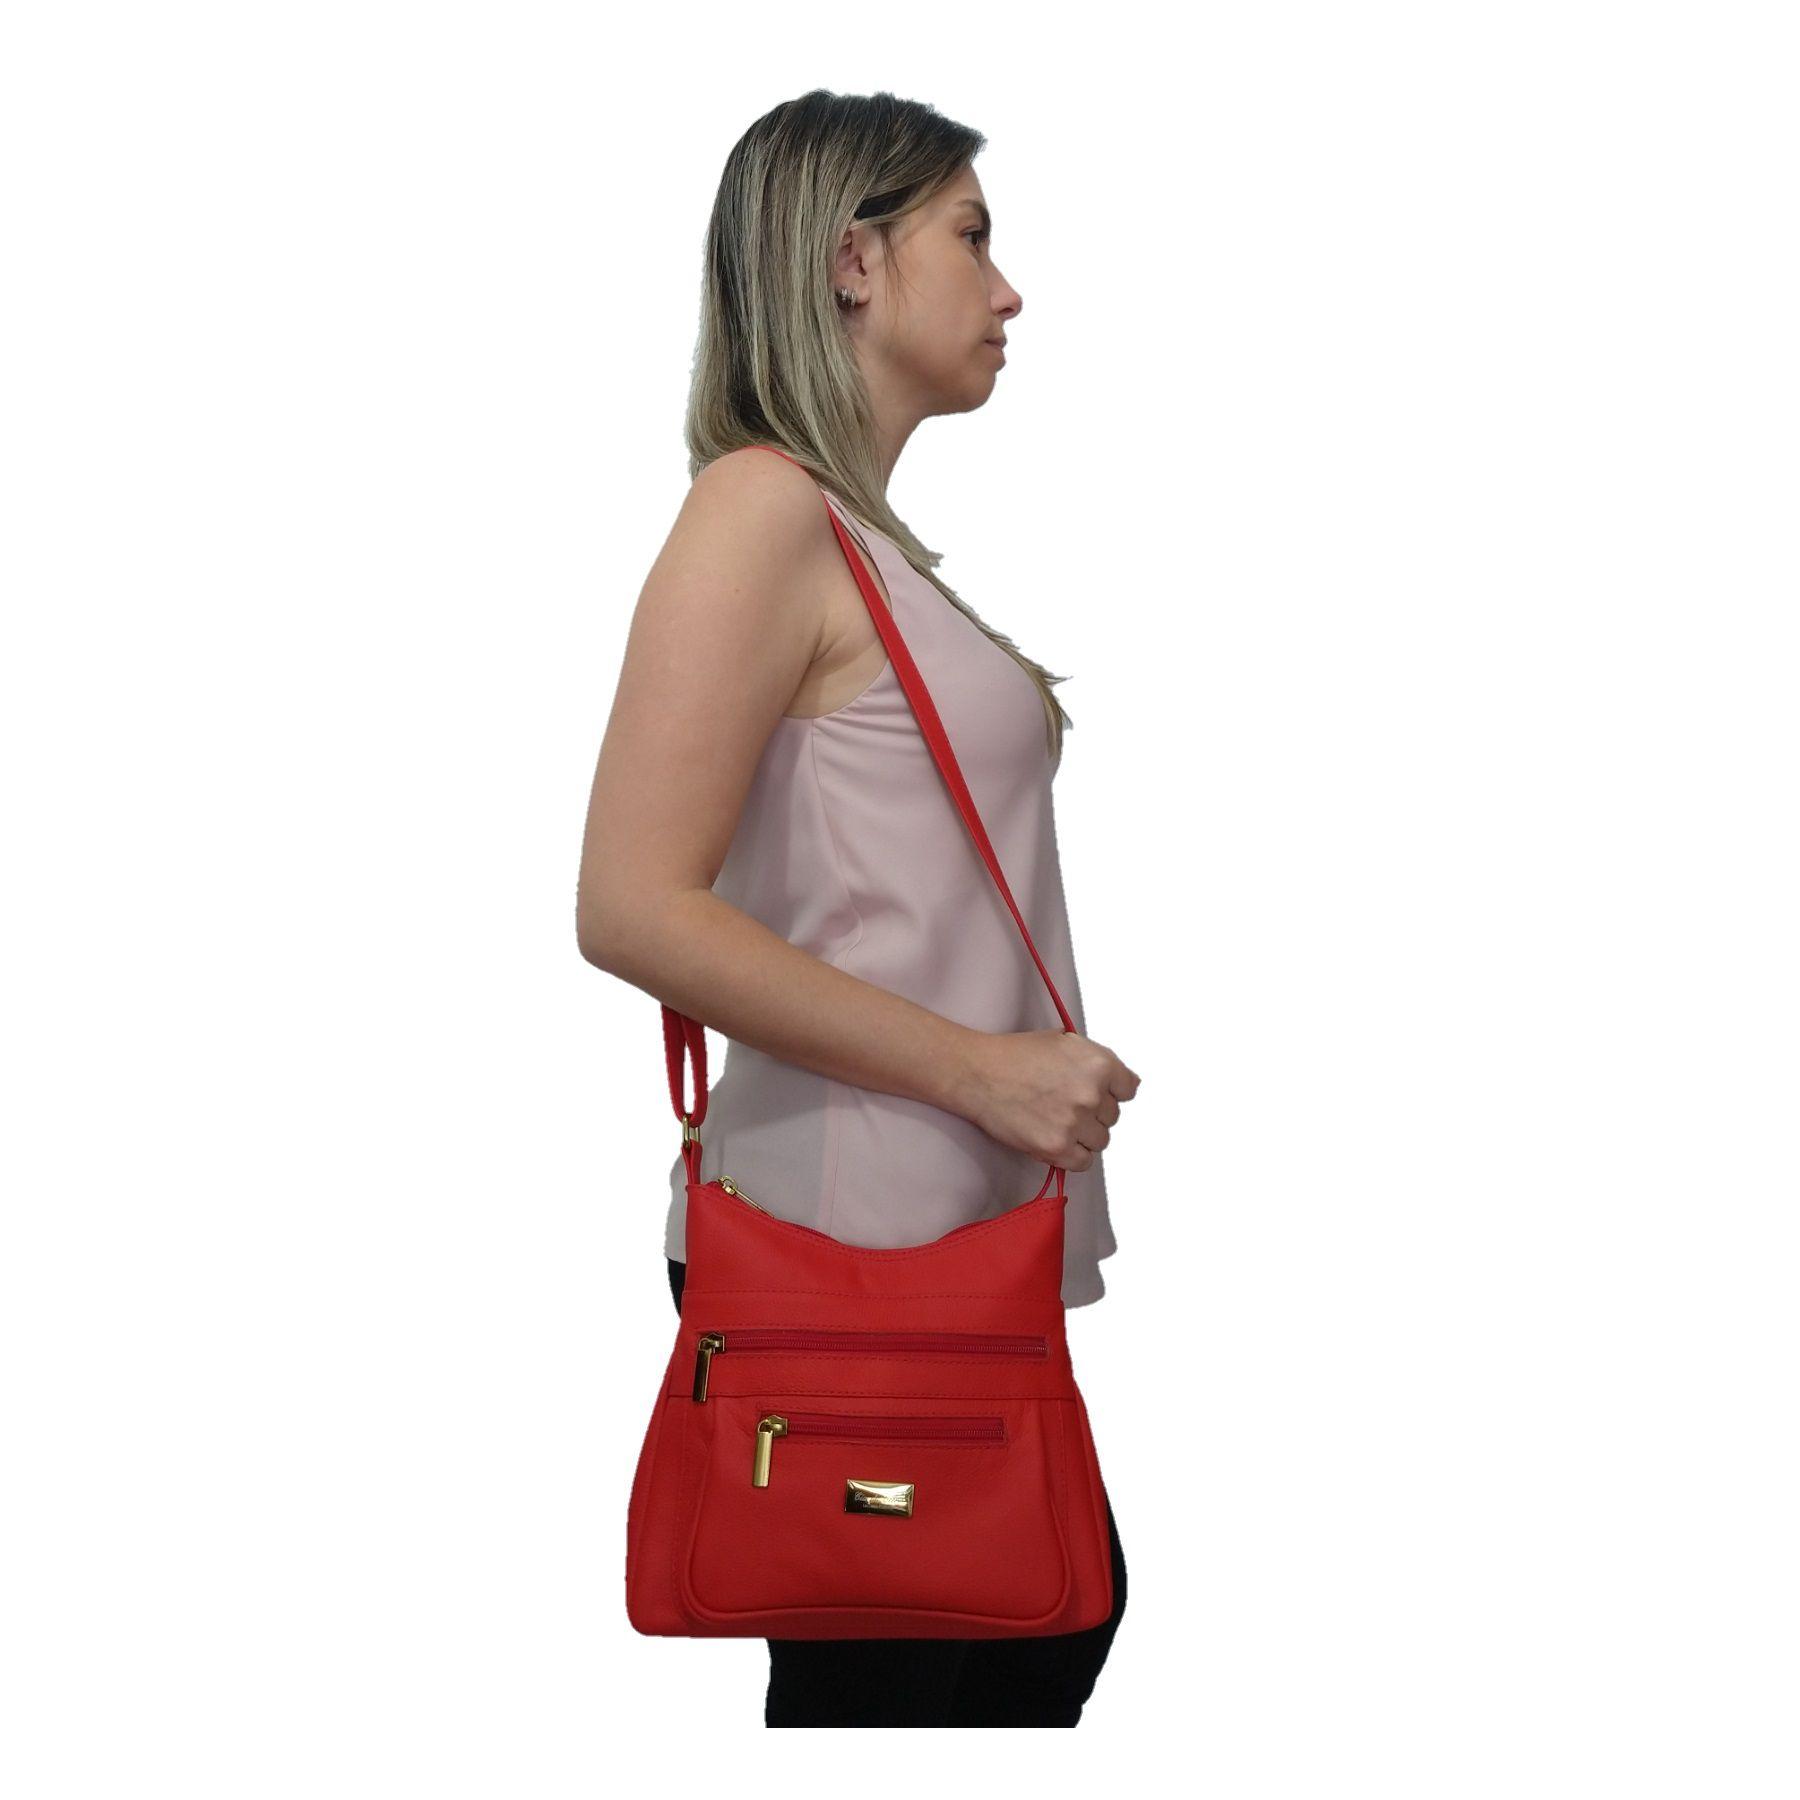 Bolsa Feminina Transversal TopGrife Couro Vermelho  - SAPATOWEB.COM